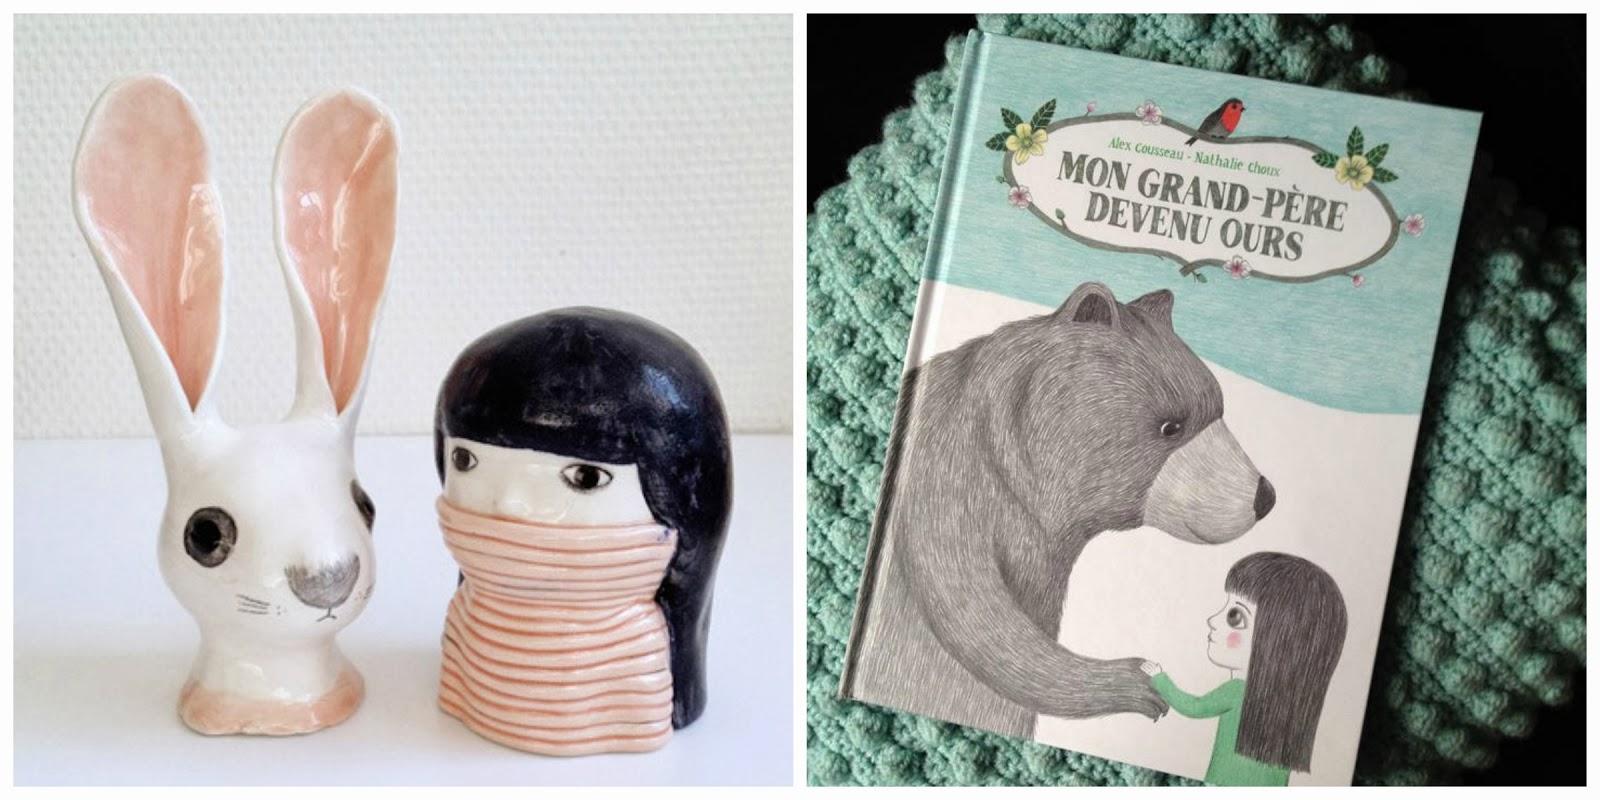 Ceramica e ilustracion nathalie choux